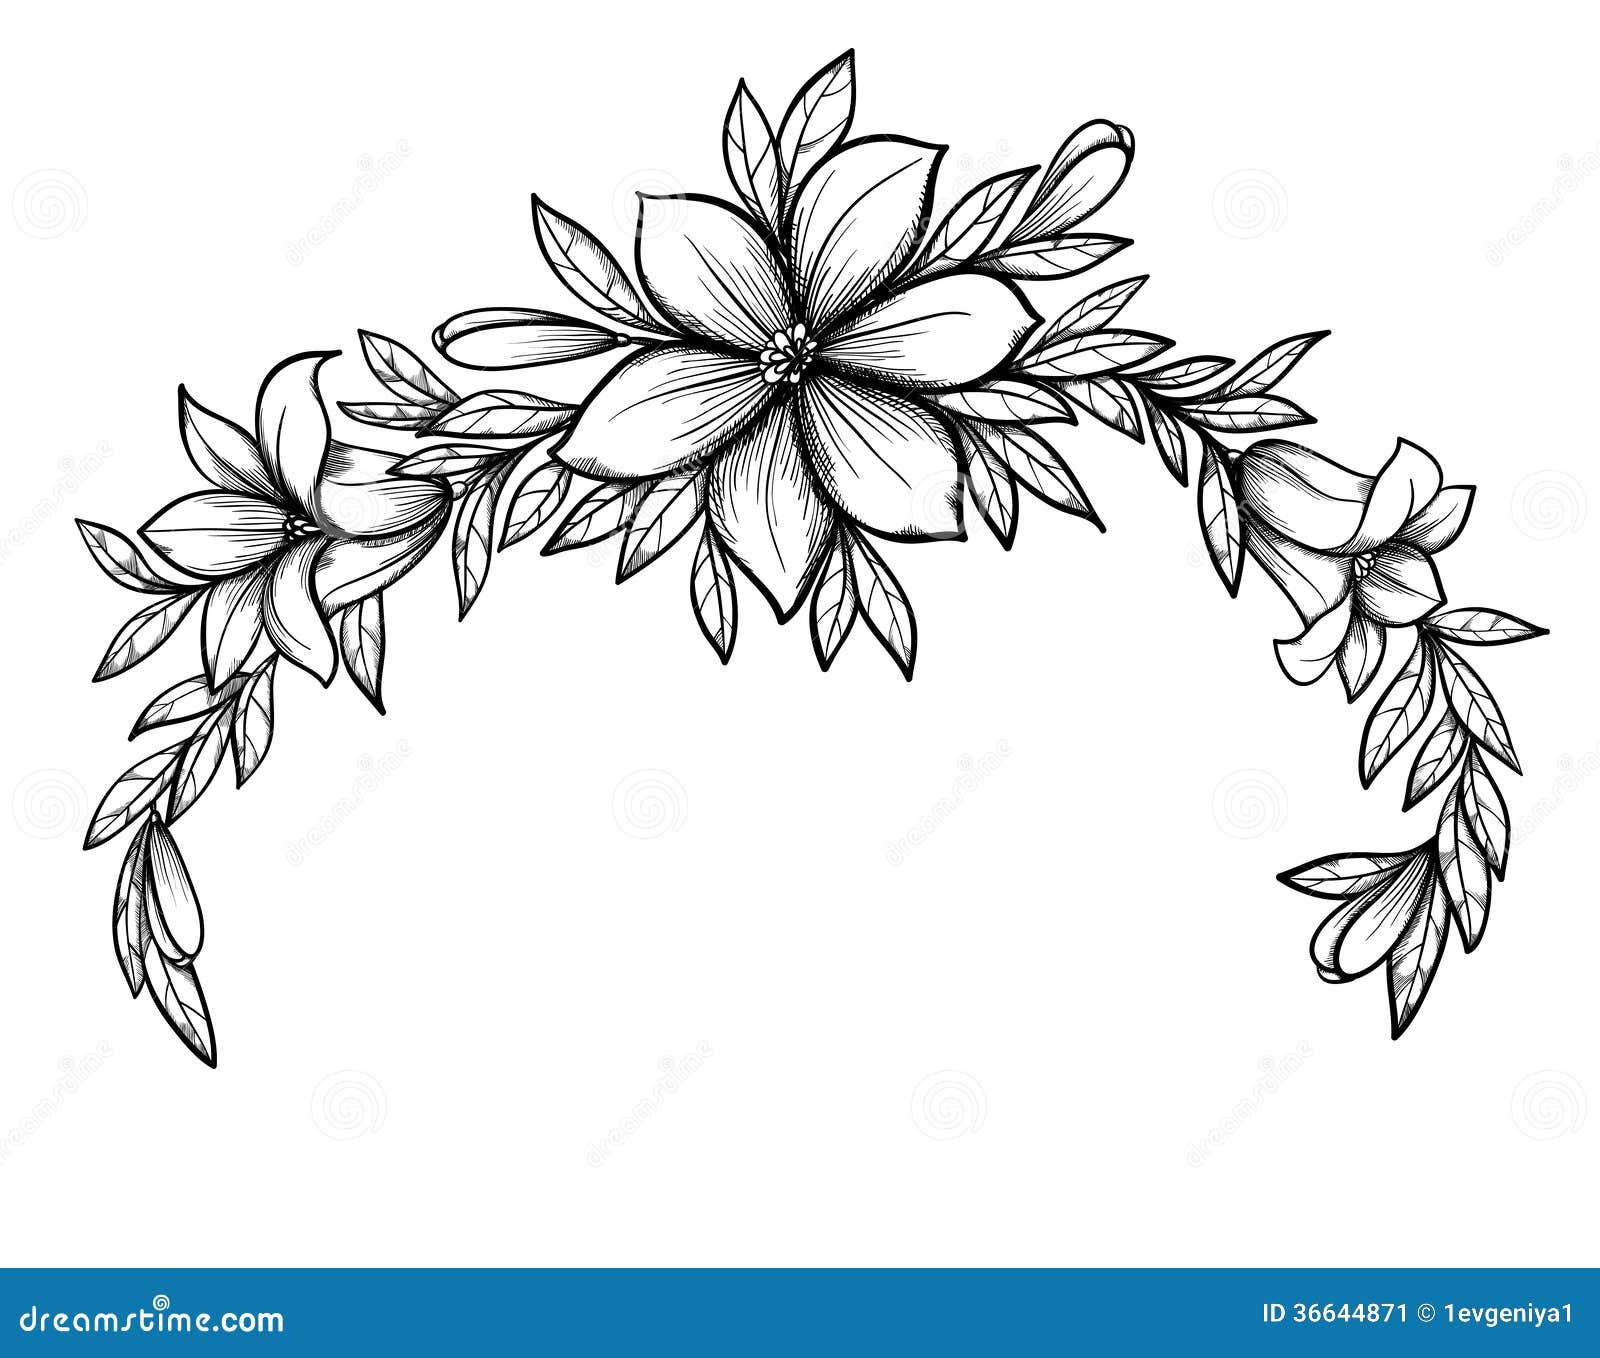 Belle branche de lis de dessin graphique avec des feuilles et des bourgeons des fleurs - Belle fleur a dessiner ...